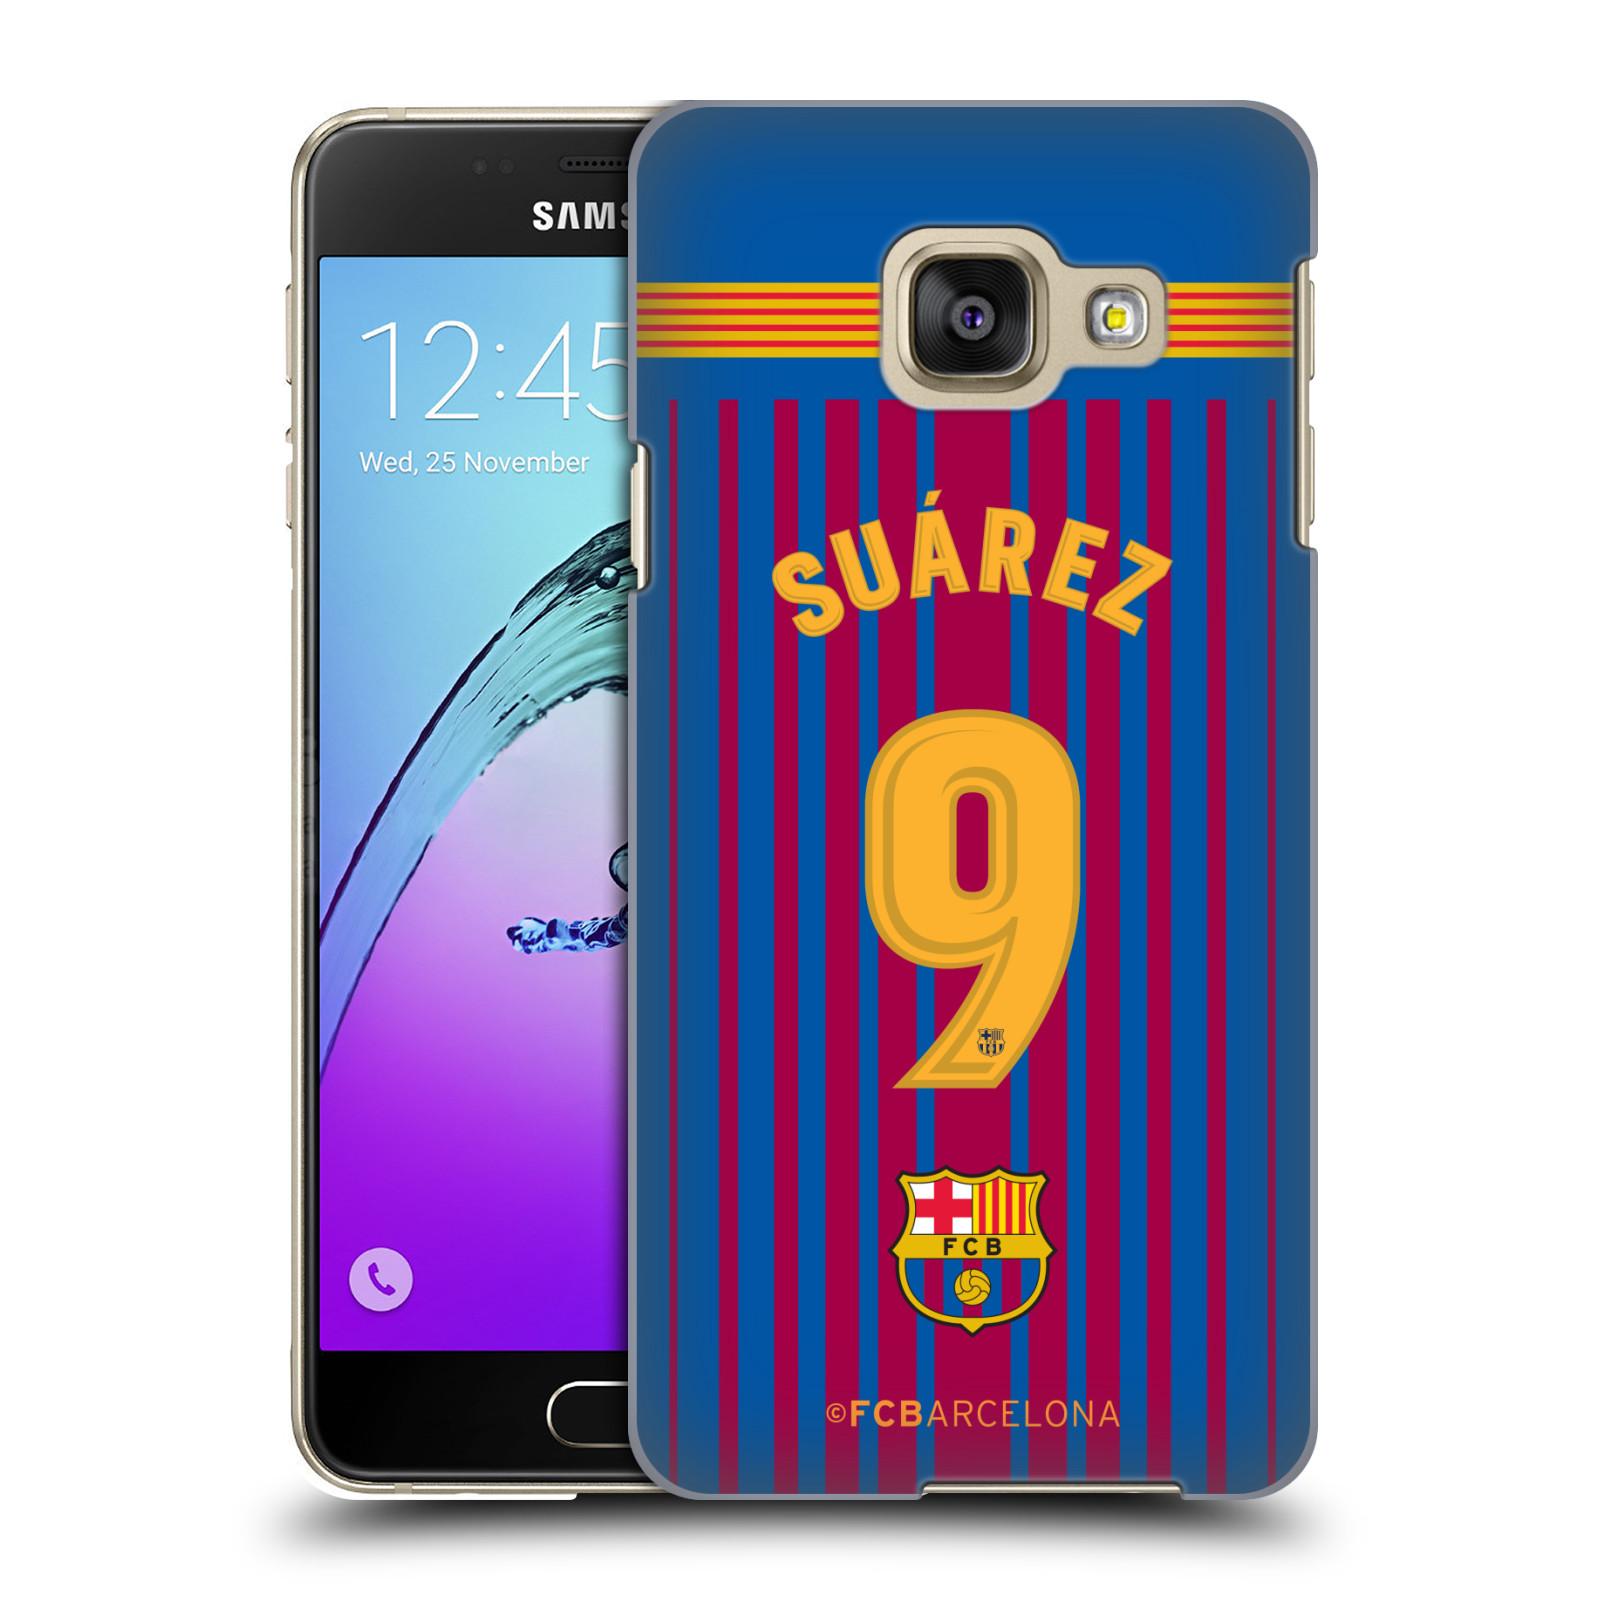 Plastové pouzdro na mobil Samsung Galaxy A3 (2016) - Head Case - FC Barcelona - Dres Suárez